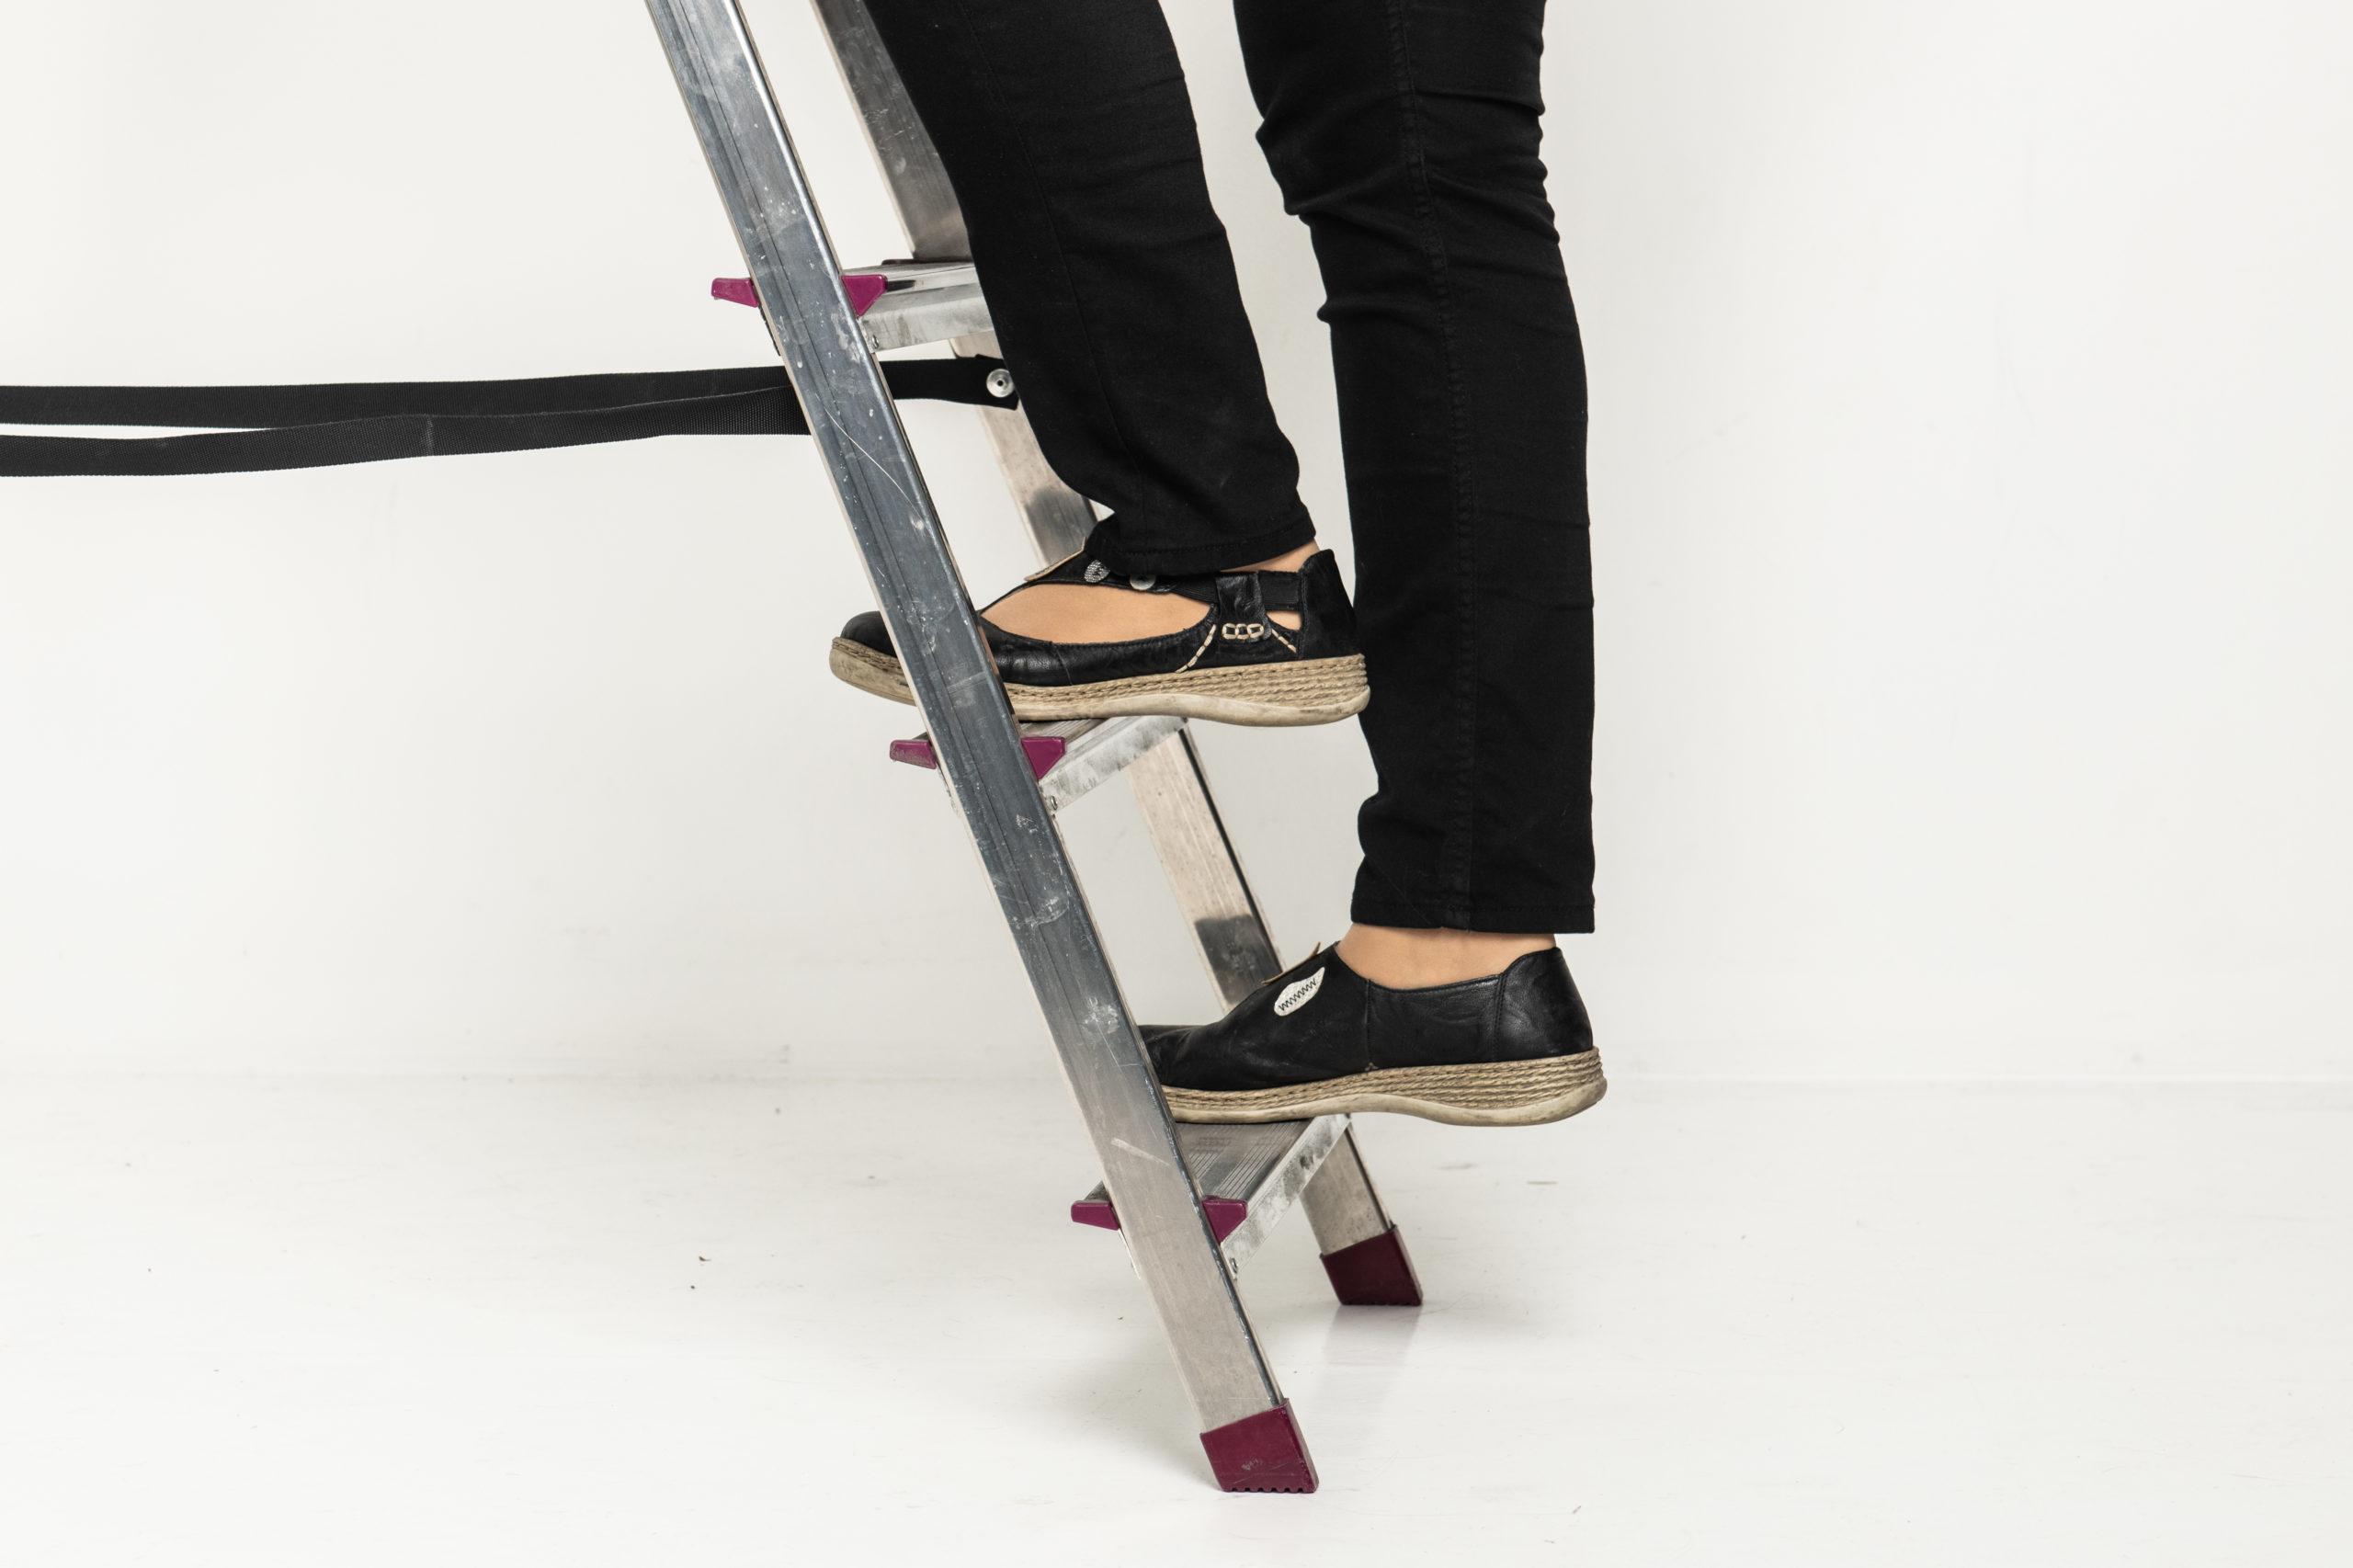 Henkilö nousee tikkaita ylöspäin, vain jalat näkyvät.